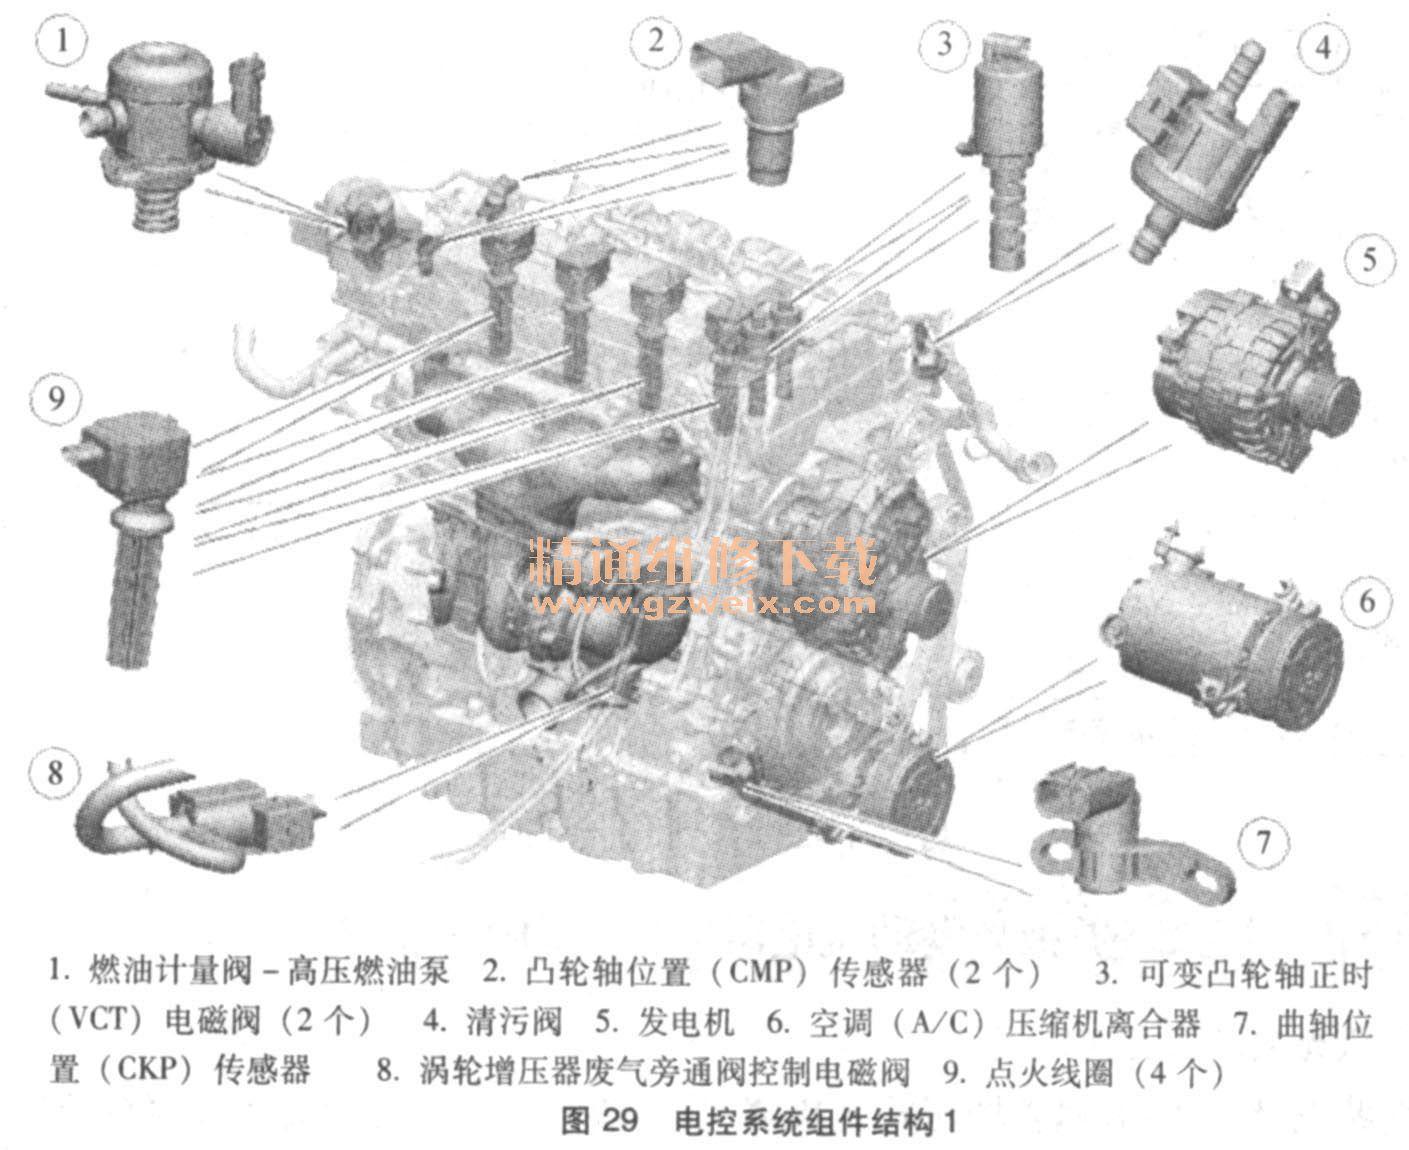 剖析新路虎极光发动机电器部件结构技术